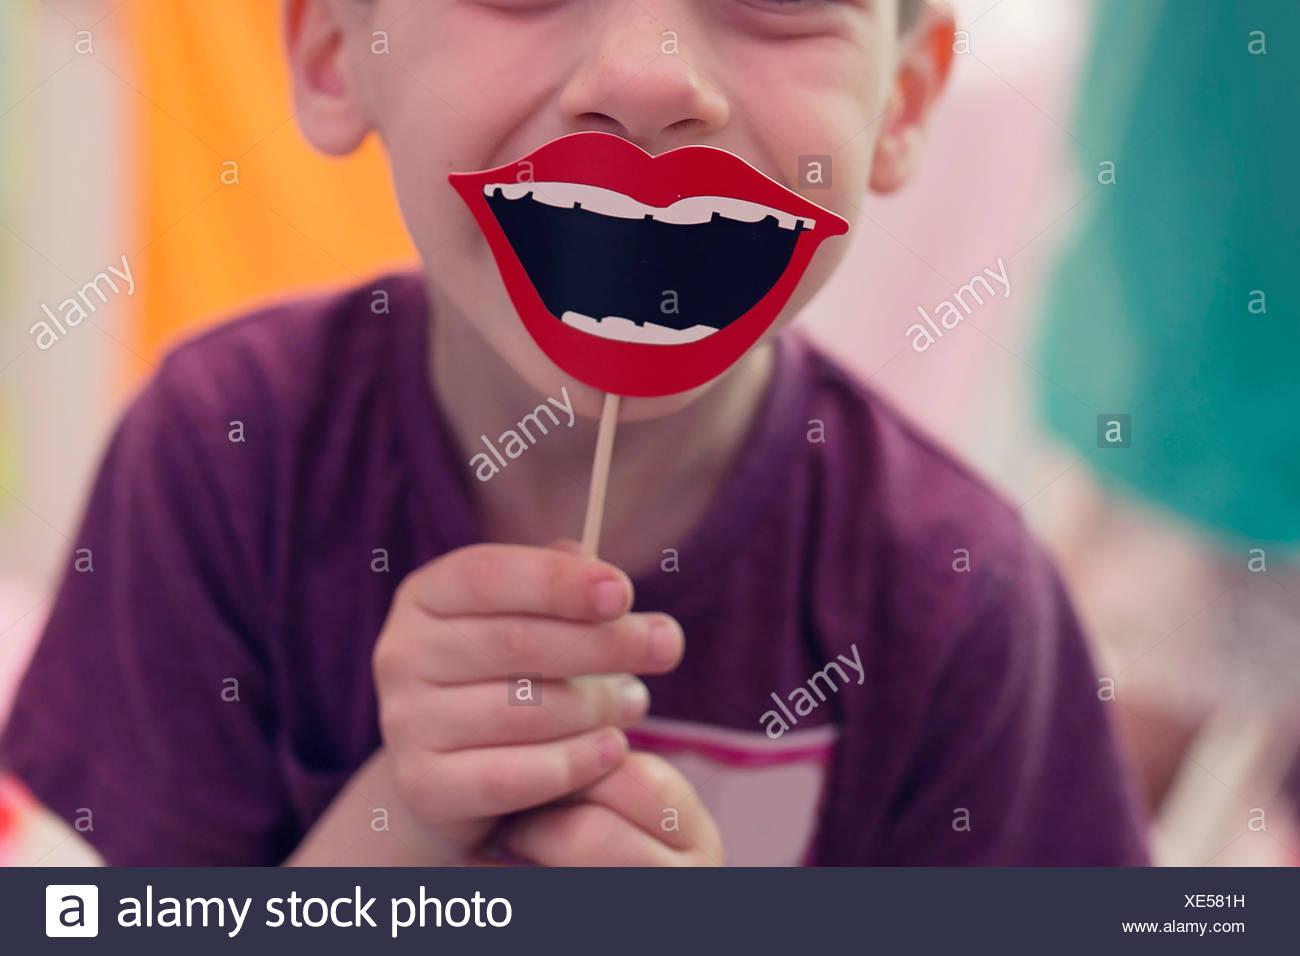 Niño sosteniendo una sonrisa en un palo prop. Imagen De Stock